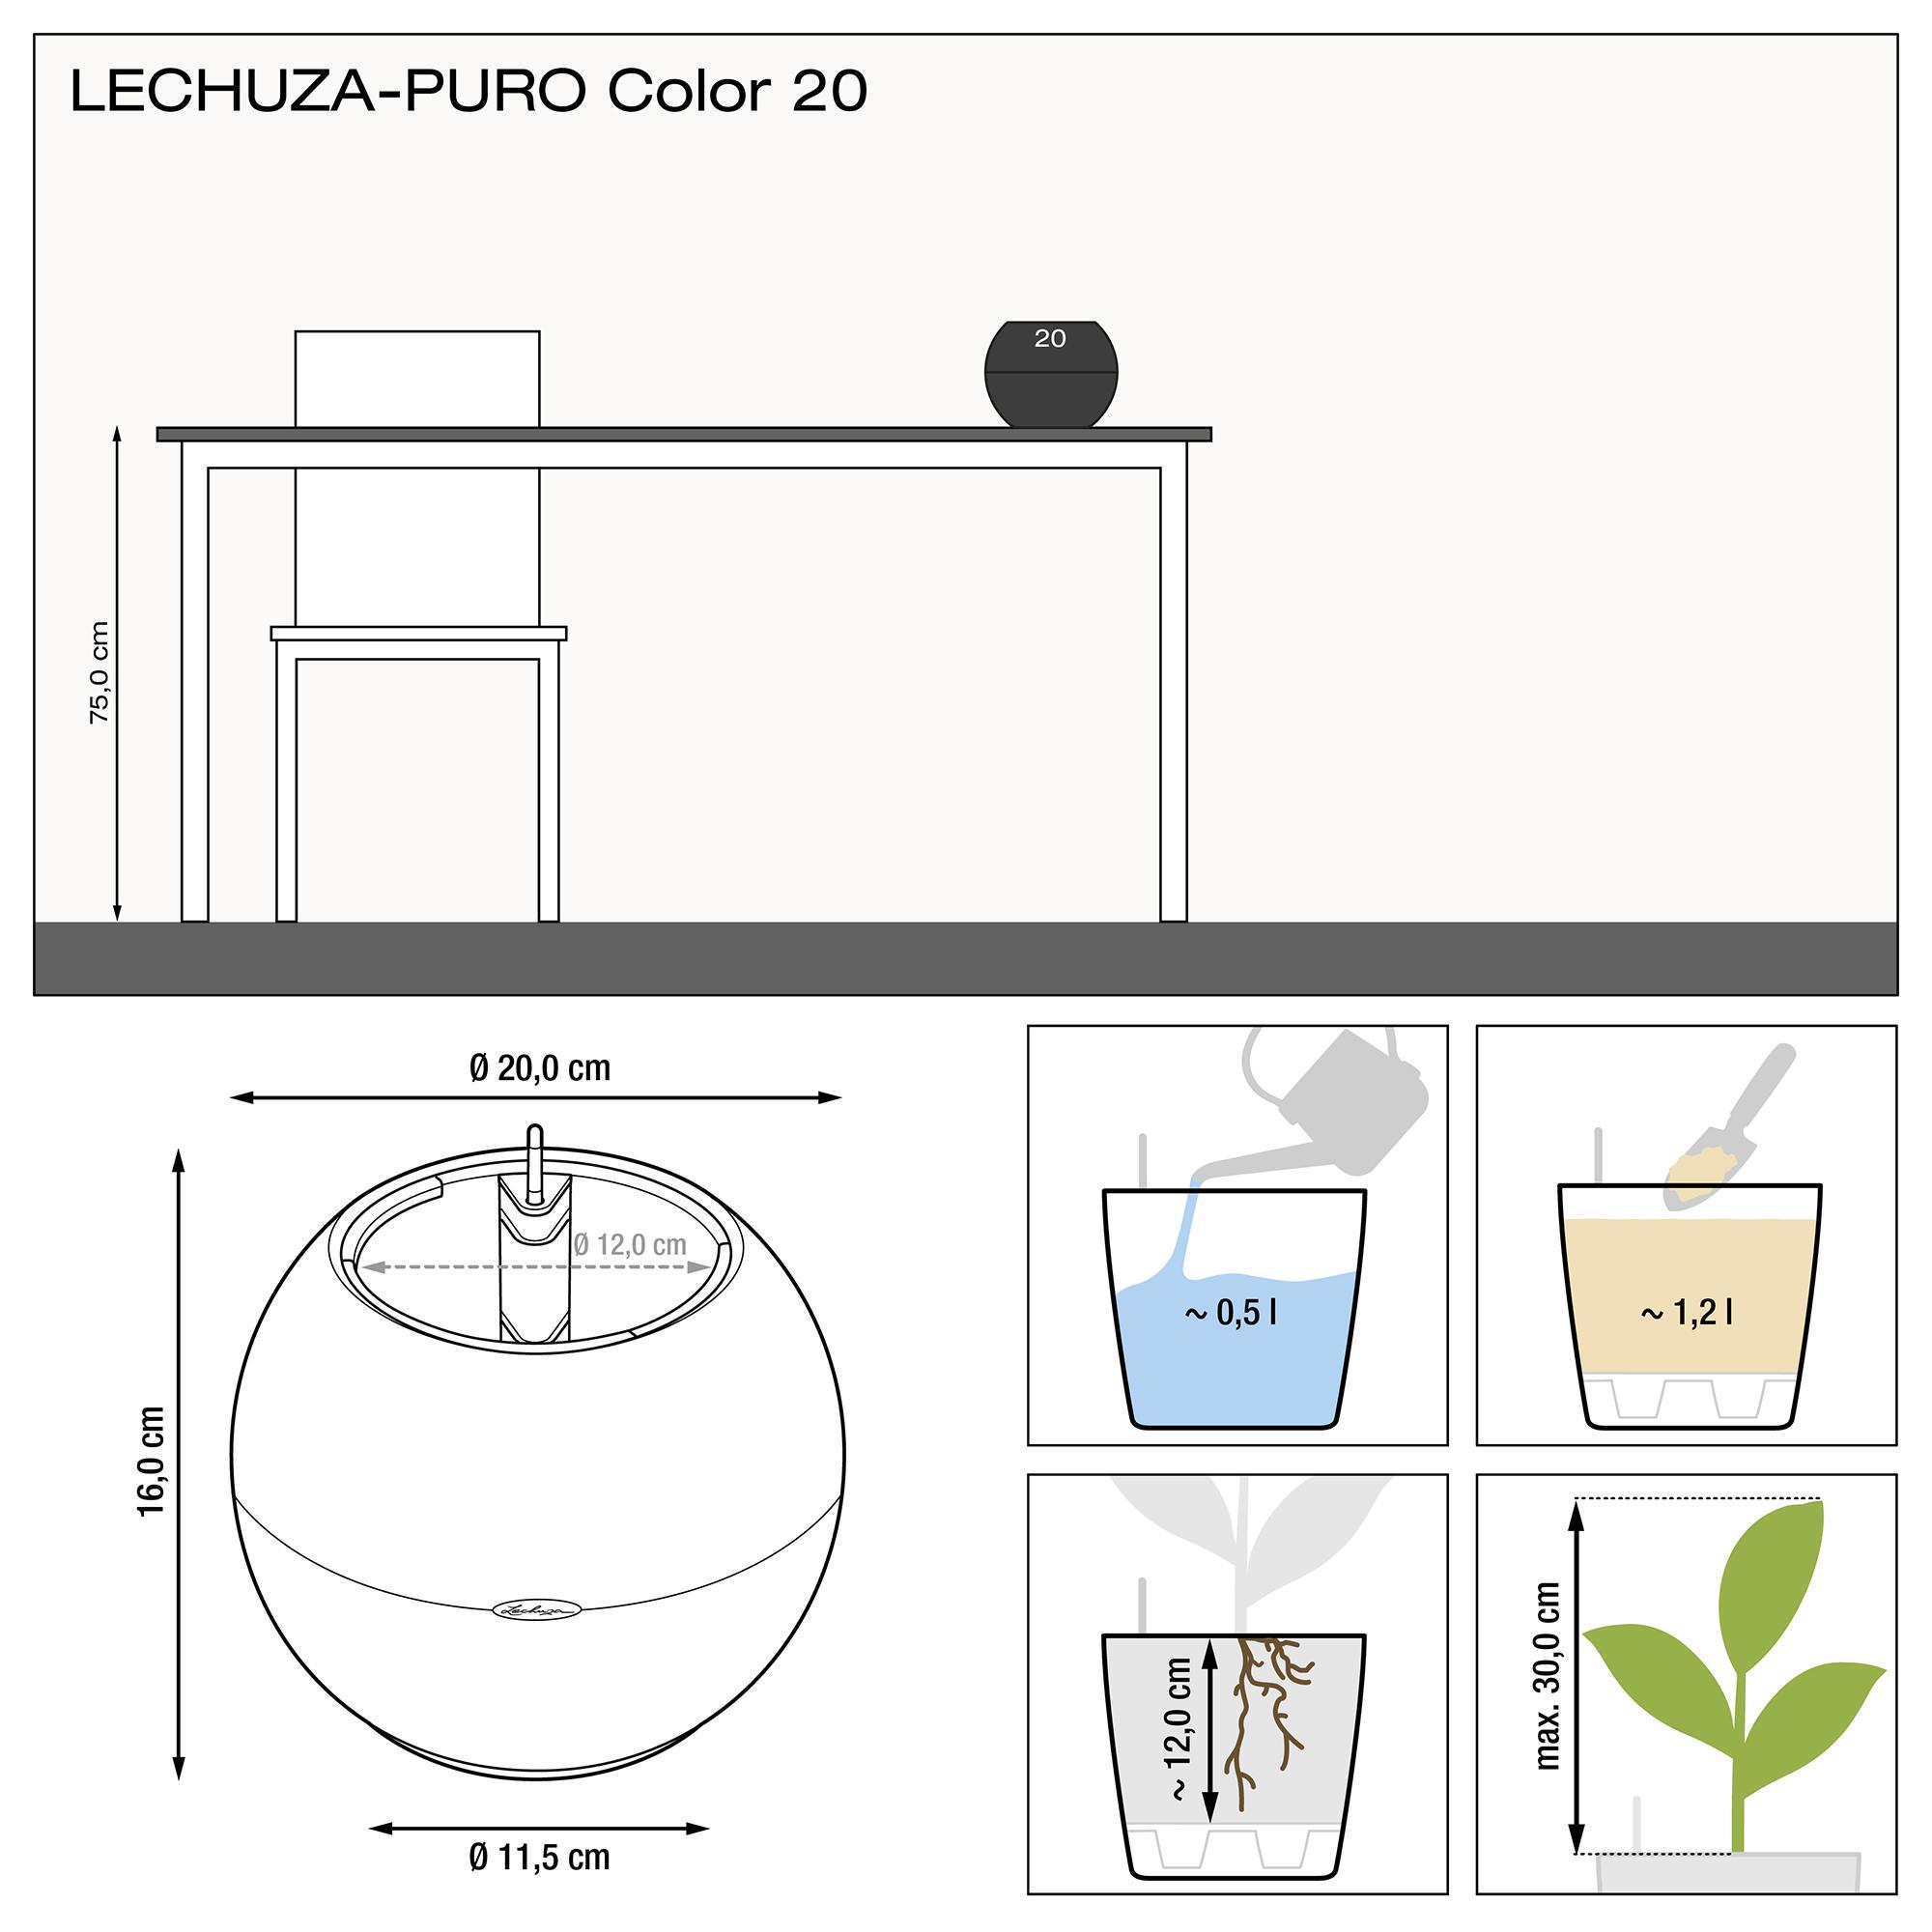 LECHUZA-PURO Color 20 bianco - Immagine 3